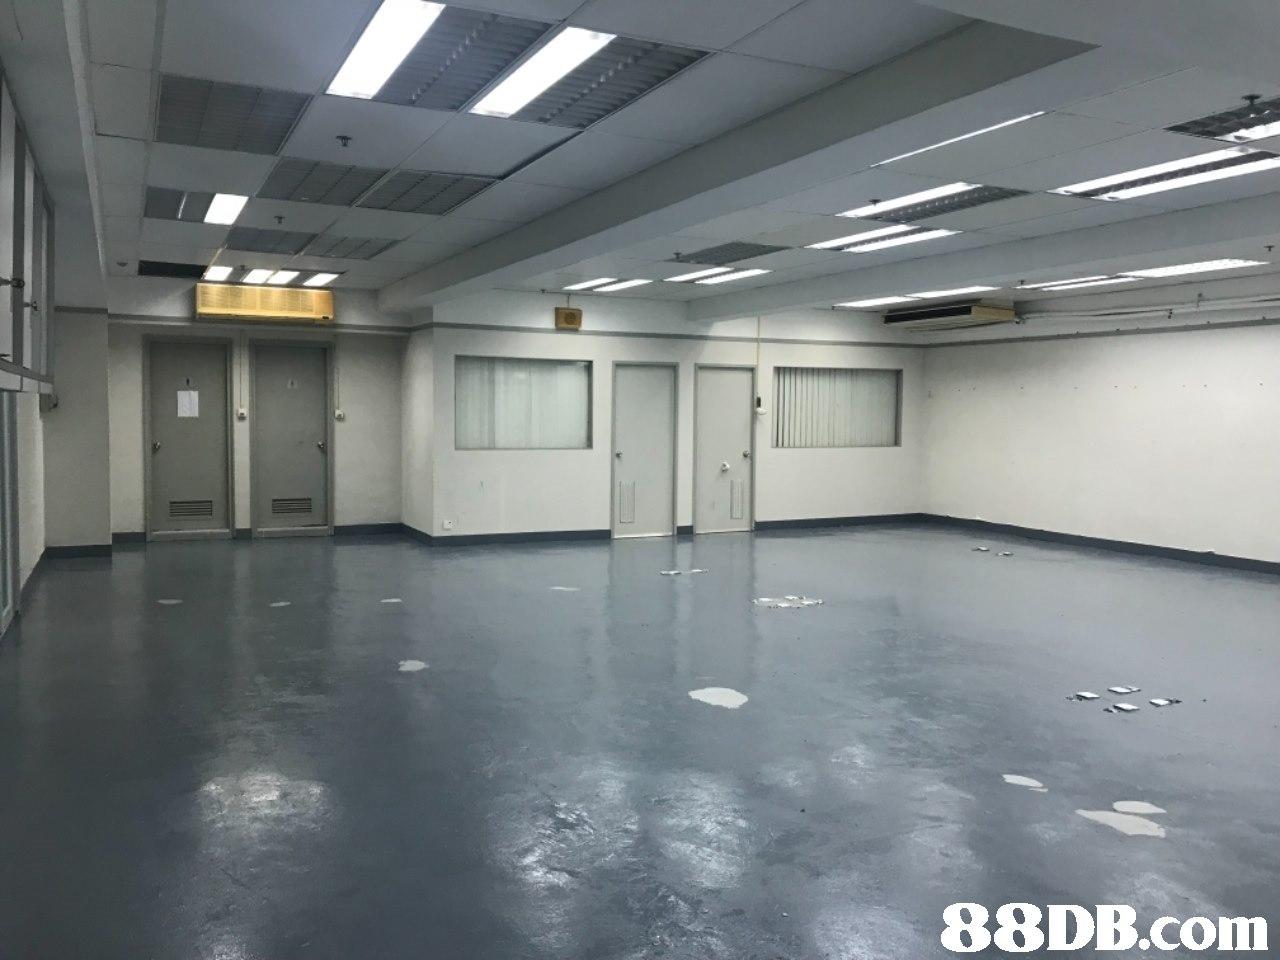 property,floor,flooring,real estate,ceiling